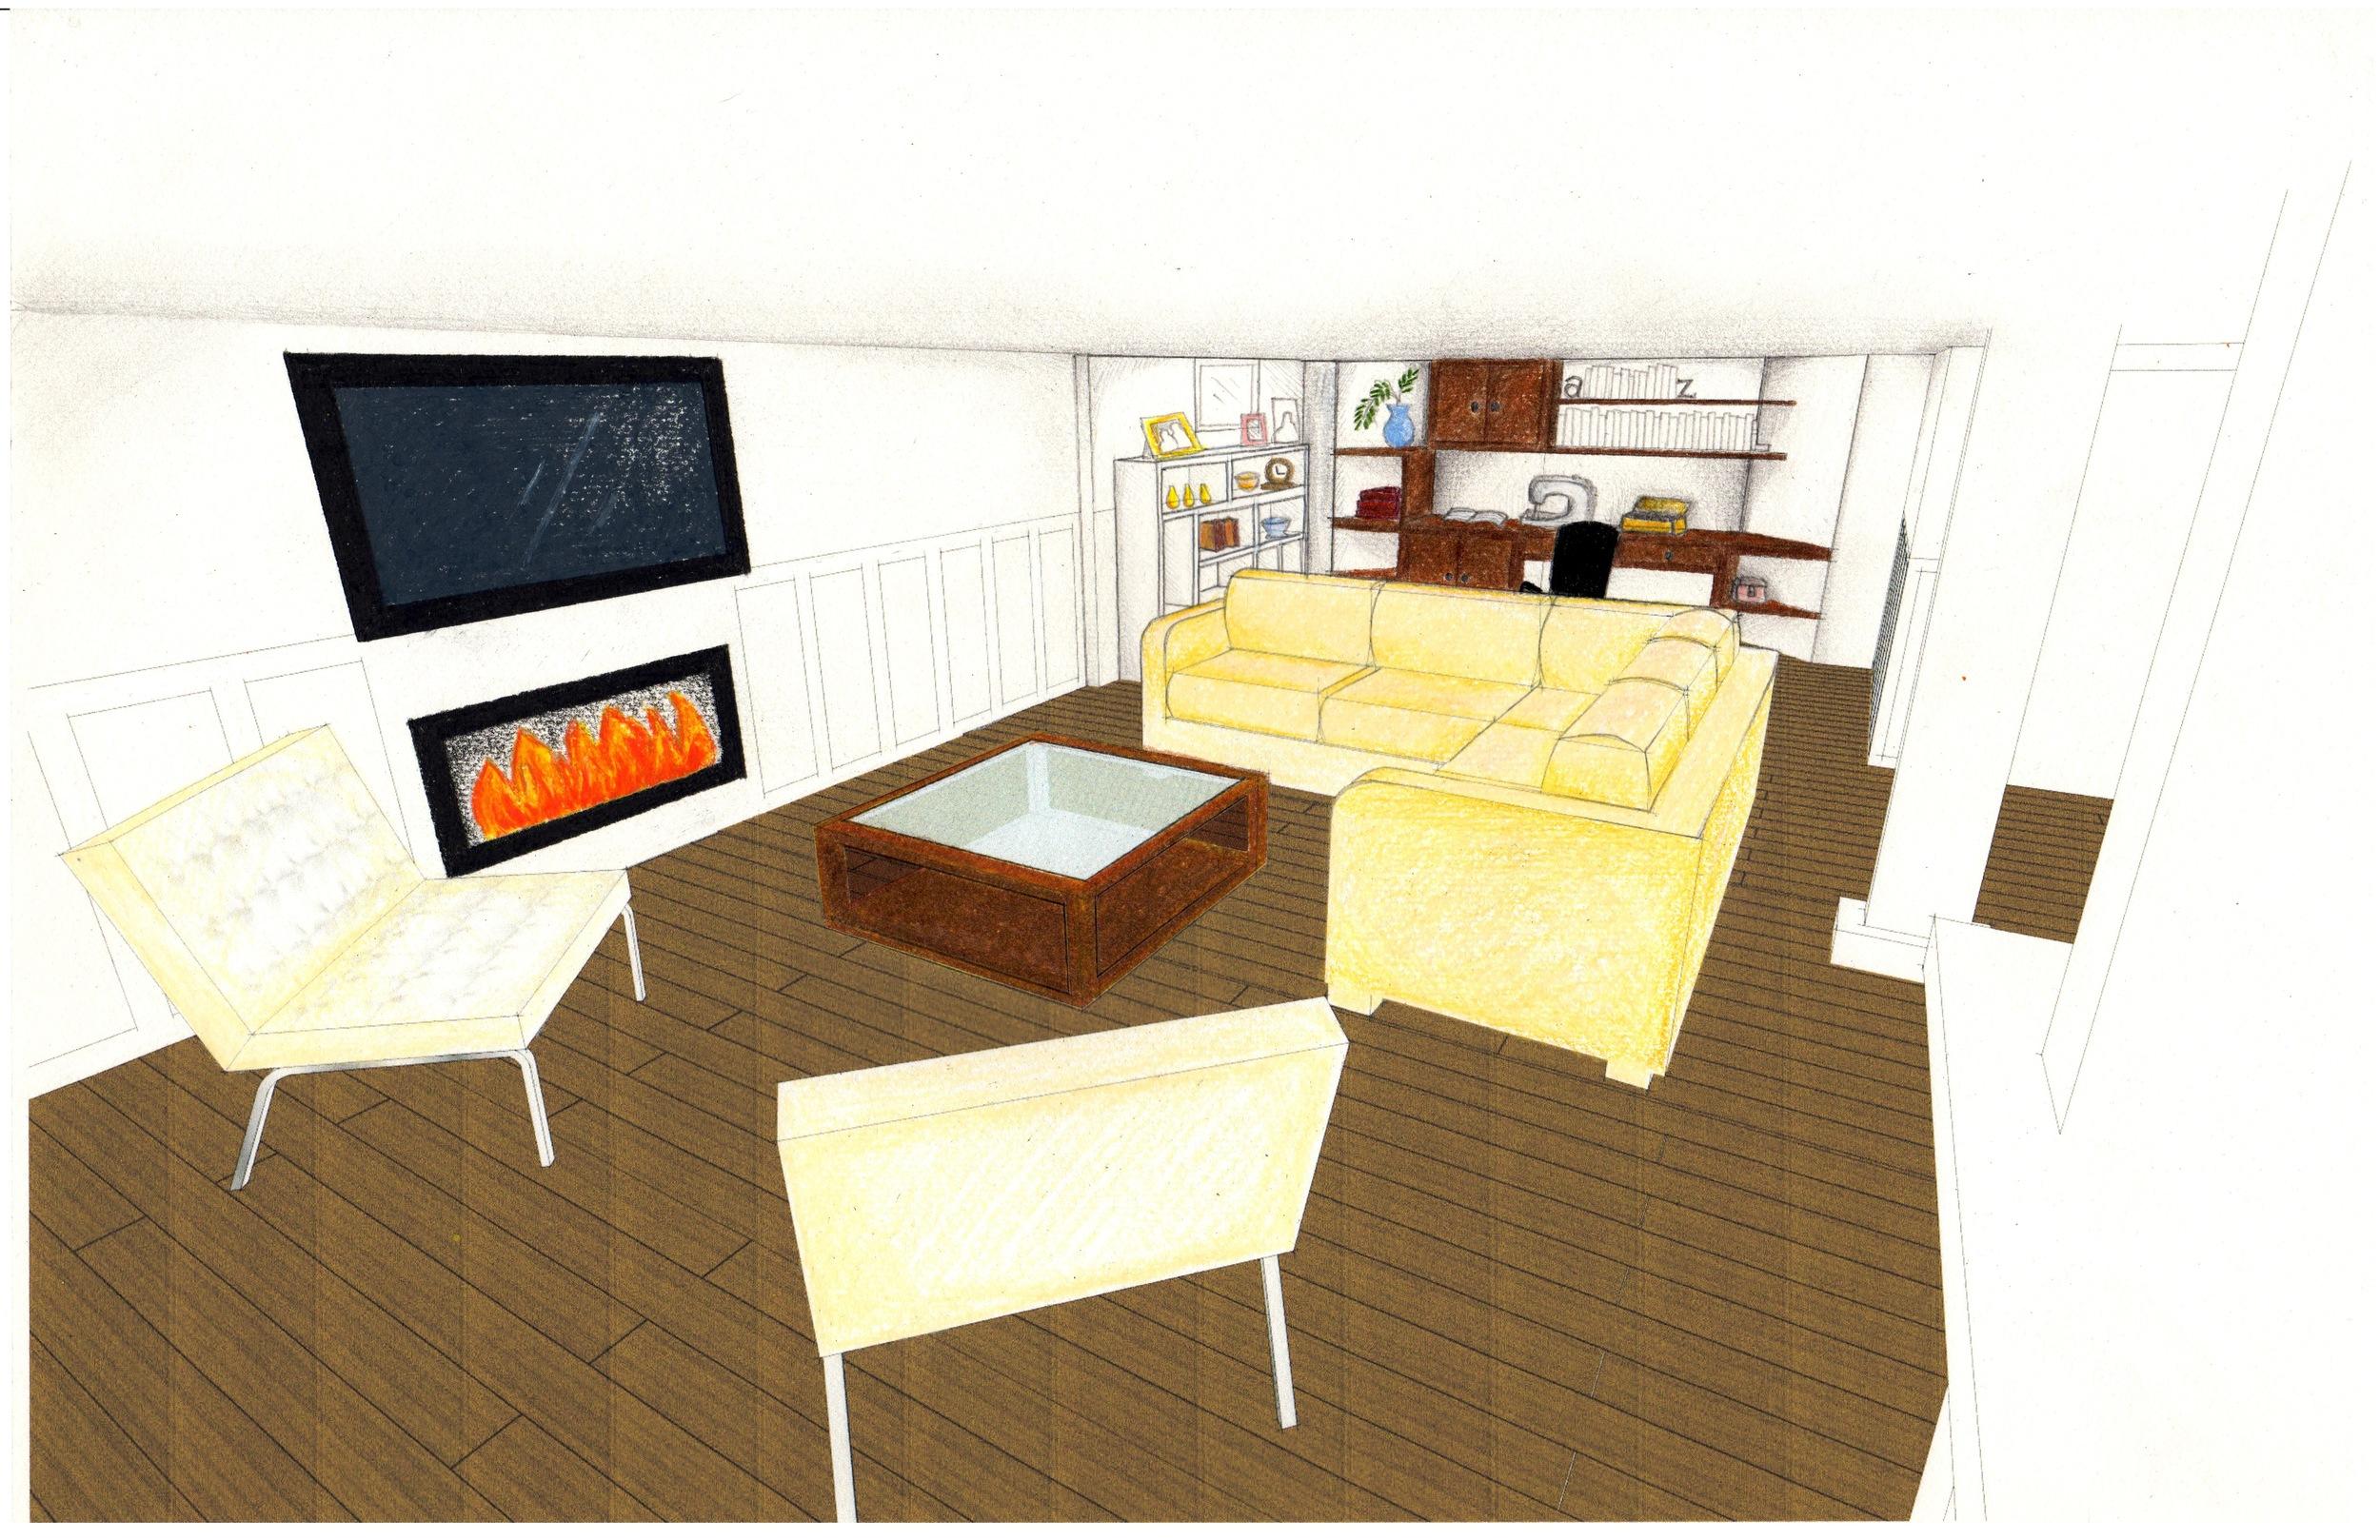 Final design, view 1